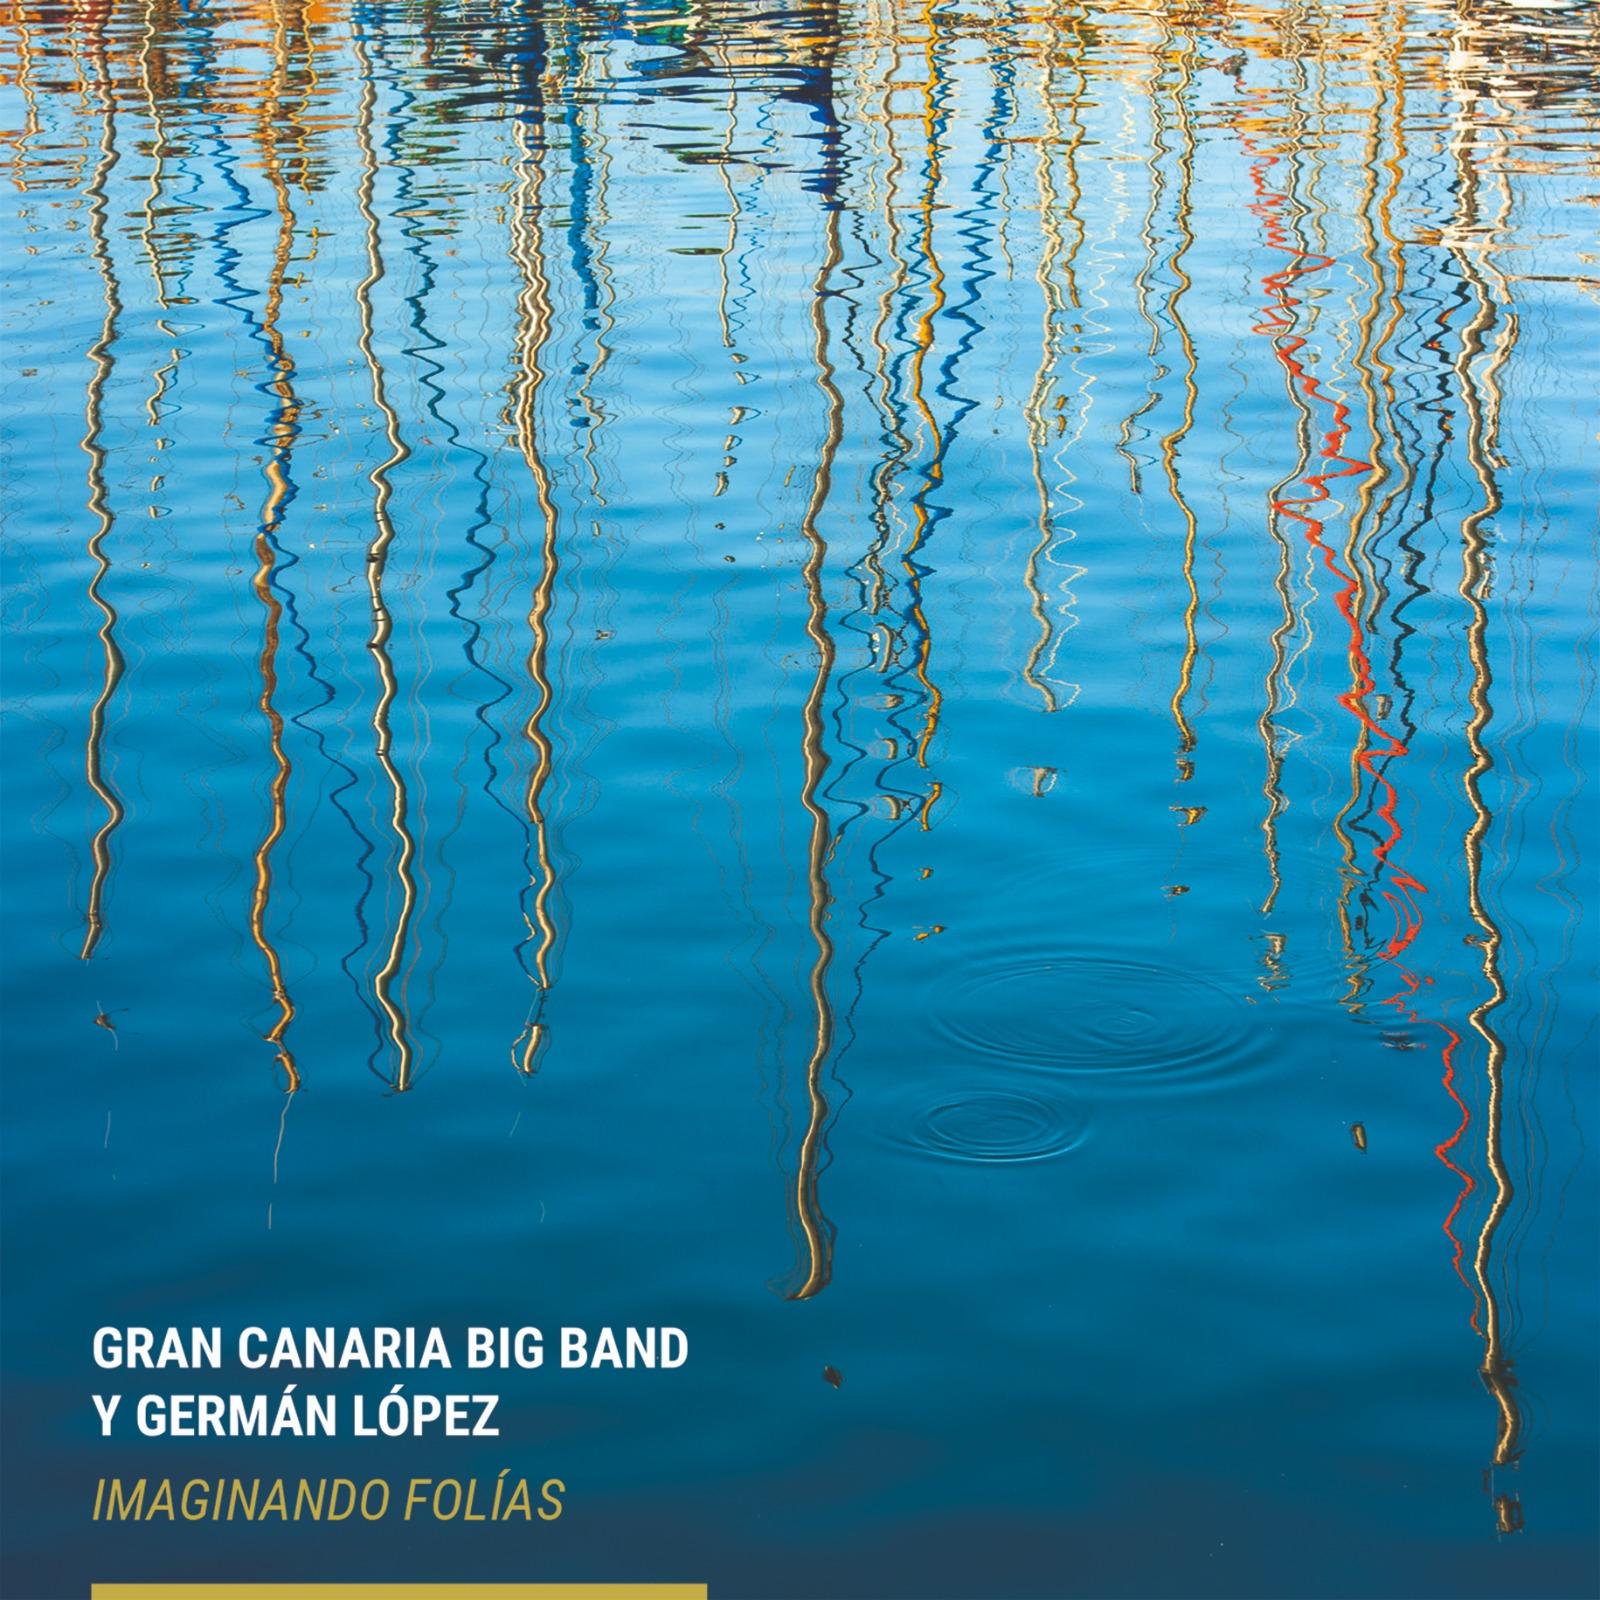 La Gran Canaria Big Band y Germán López editan Imaginando Folías